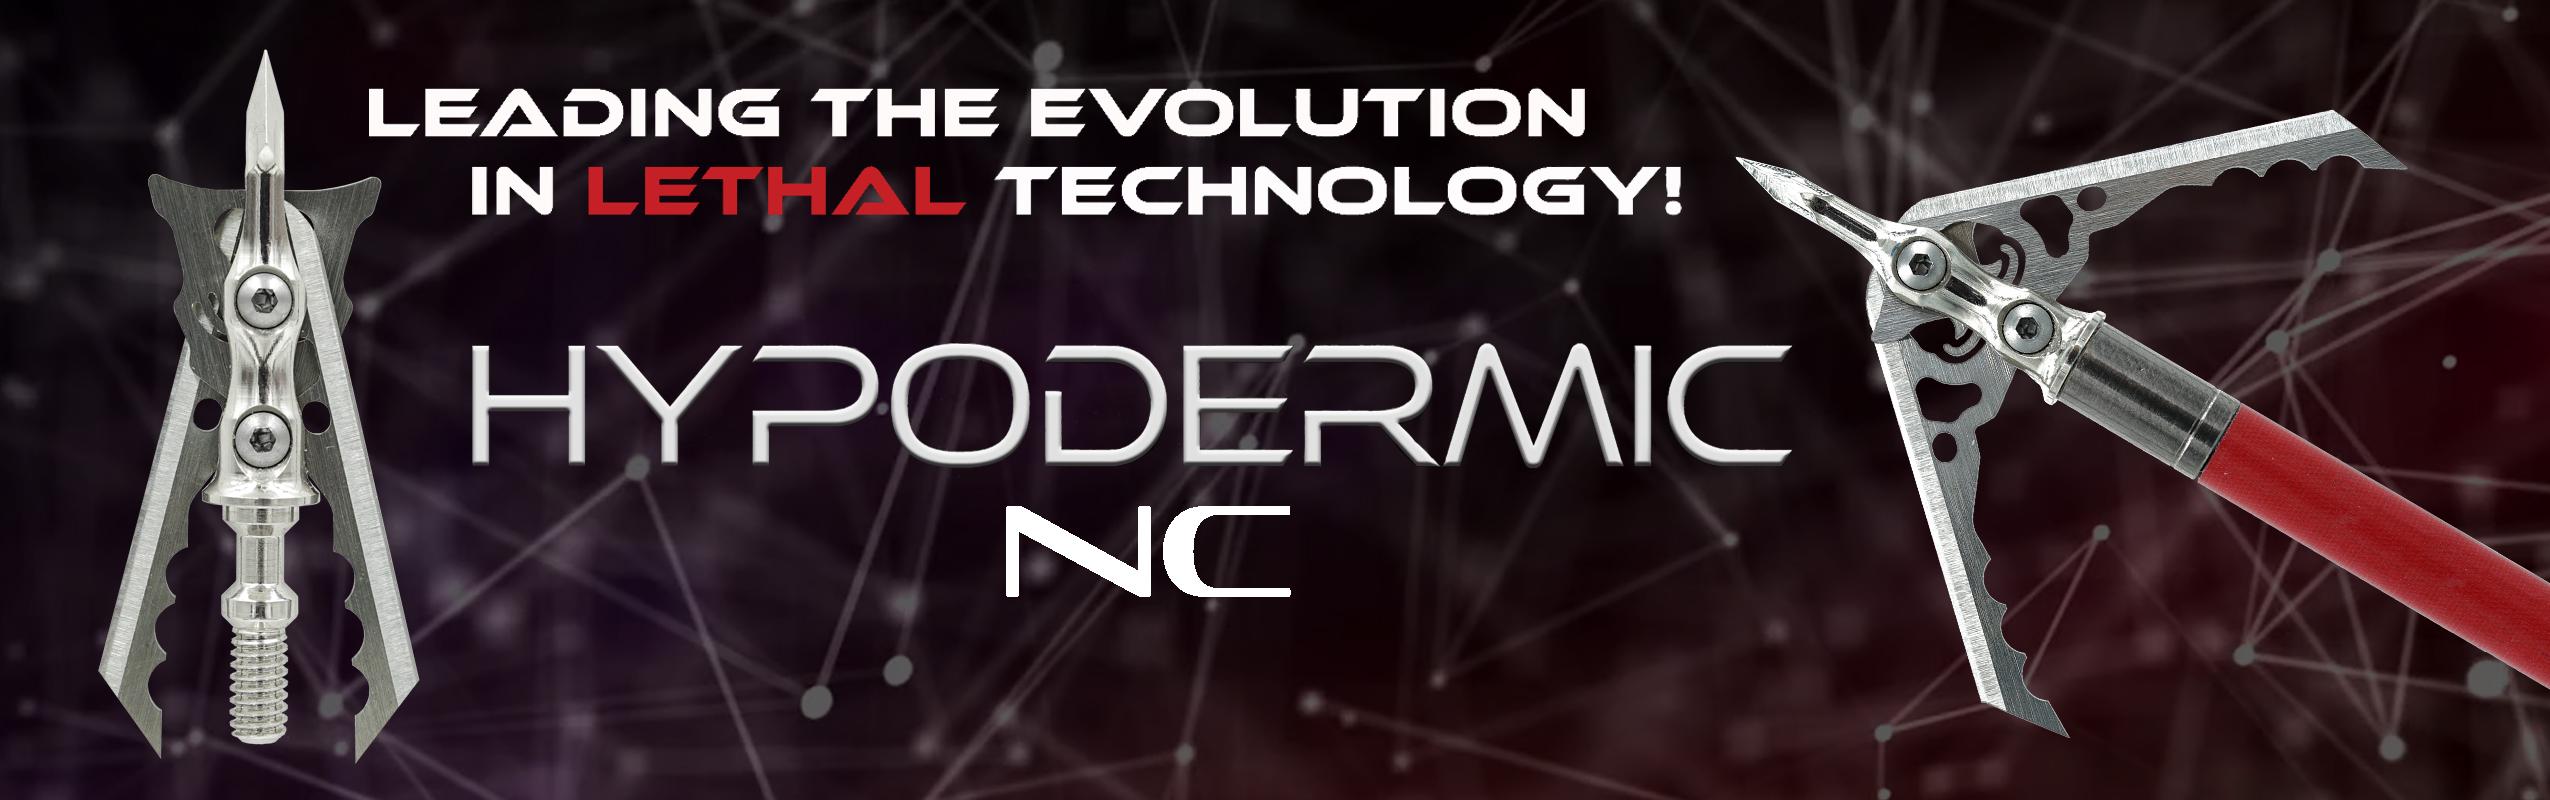 Hypodermic NC